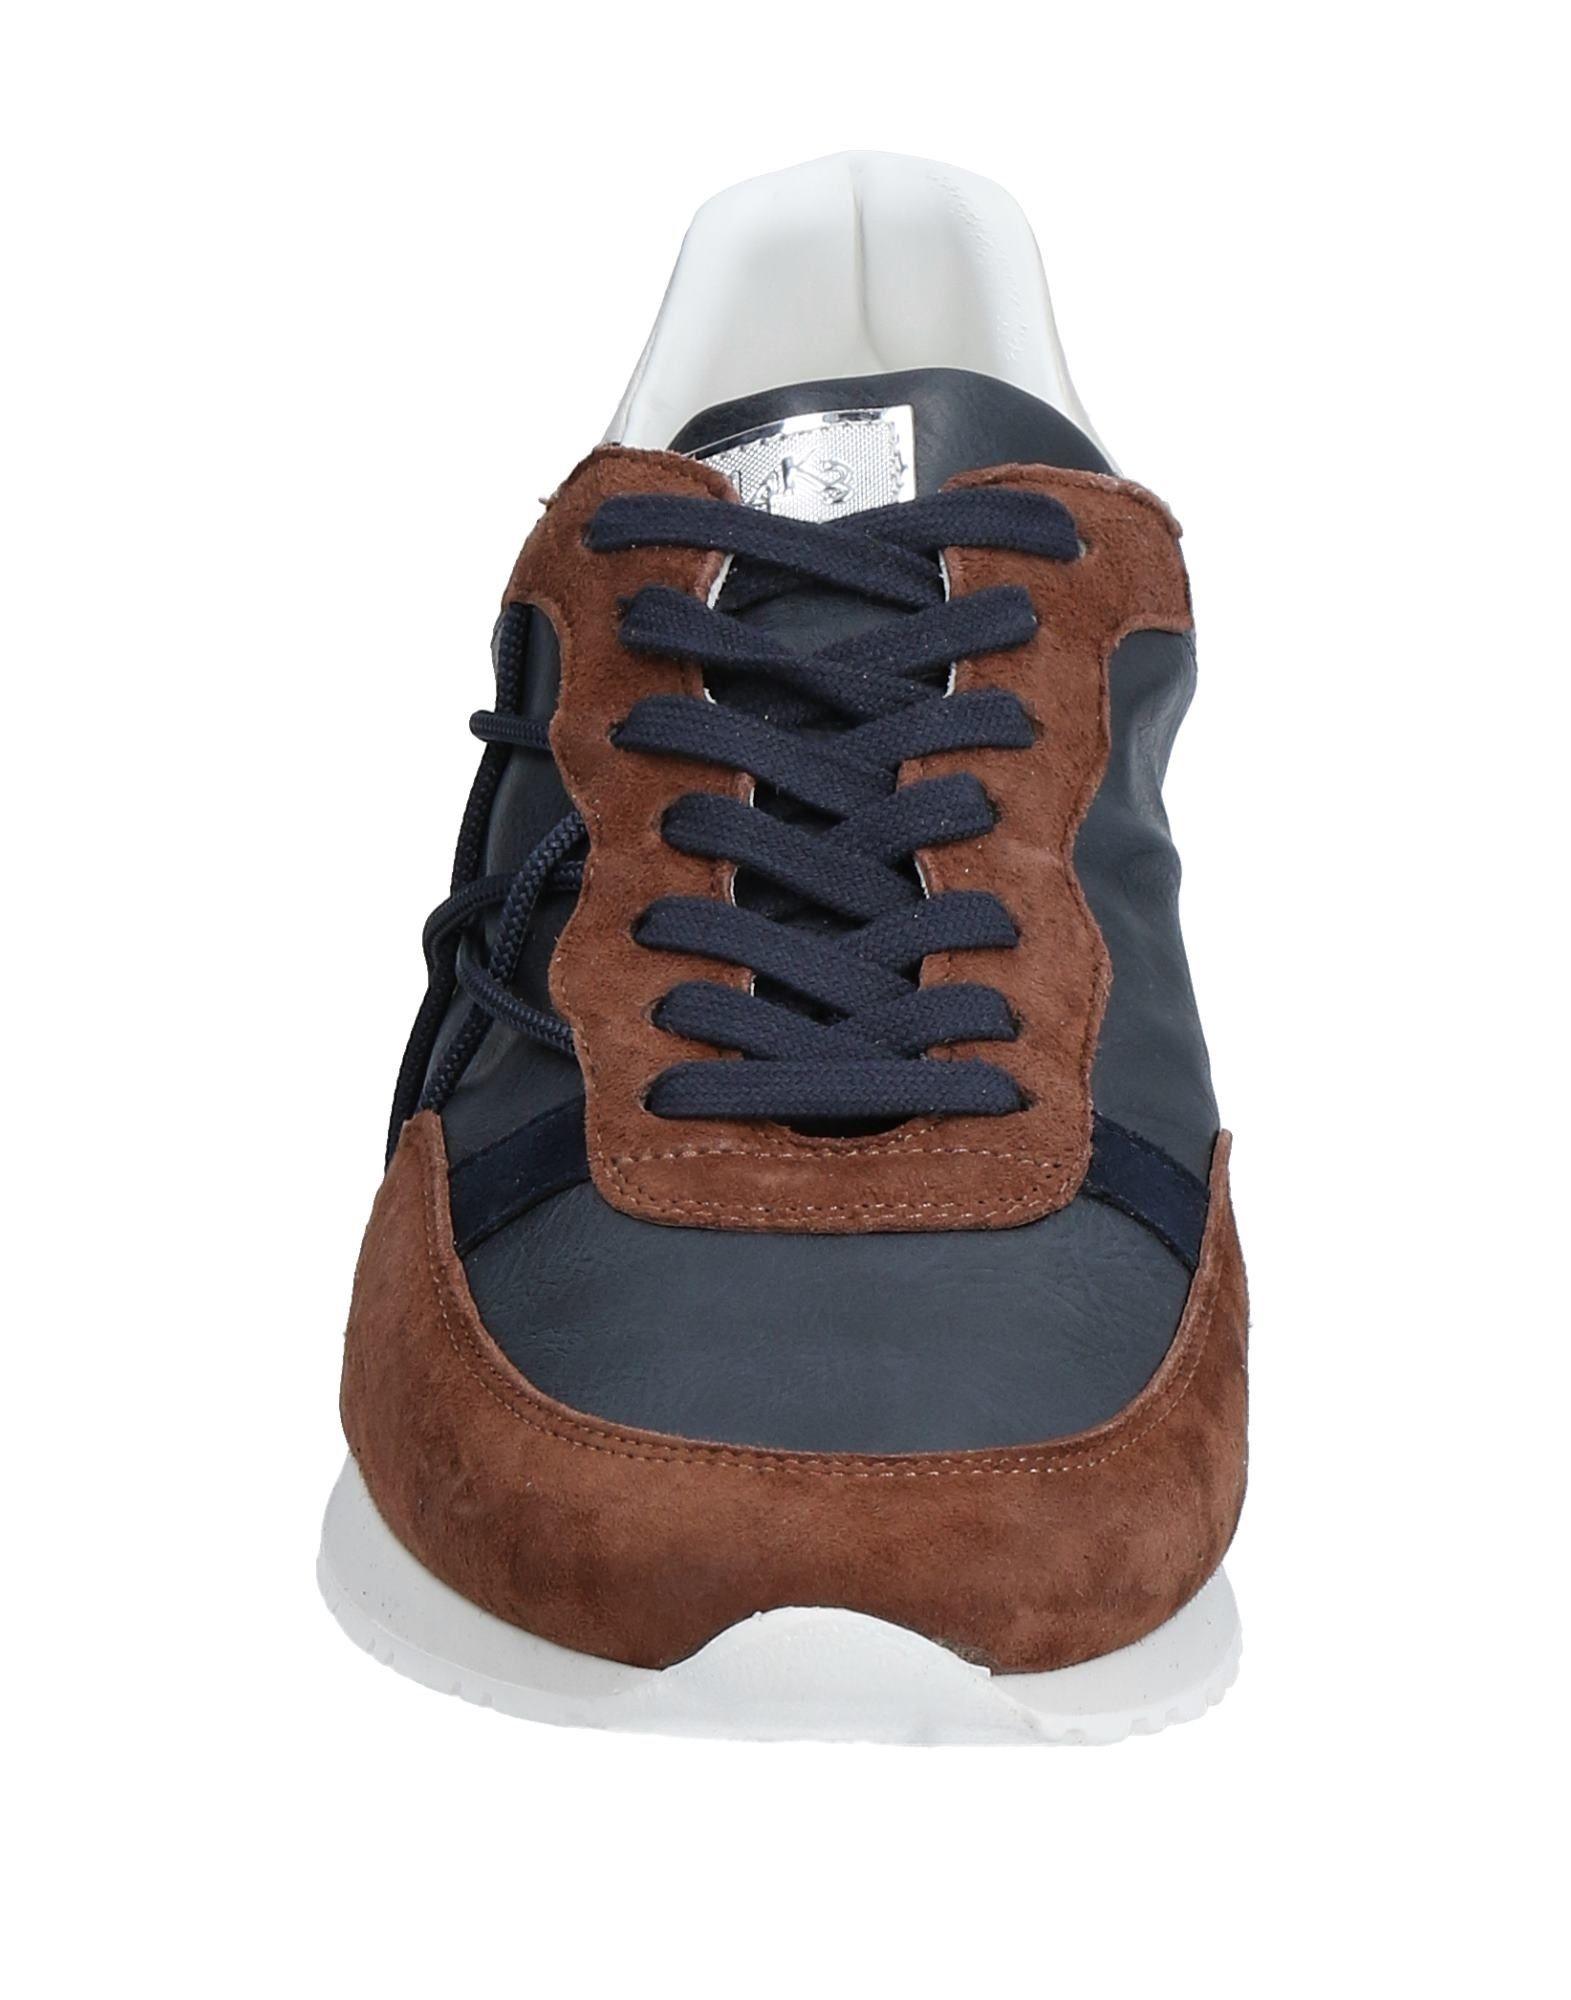 L4k3 Sneakers Herren   Herren 11530418SH a66e02